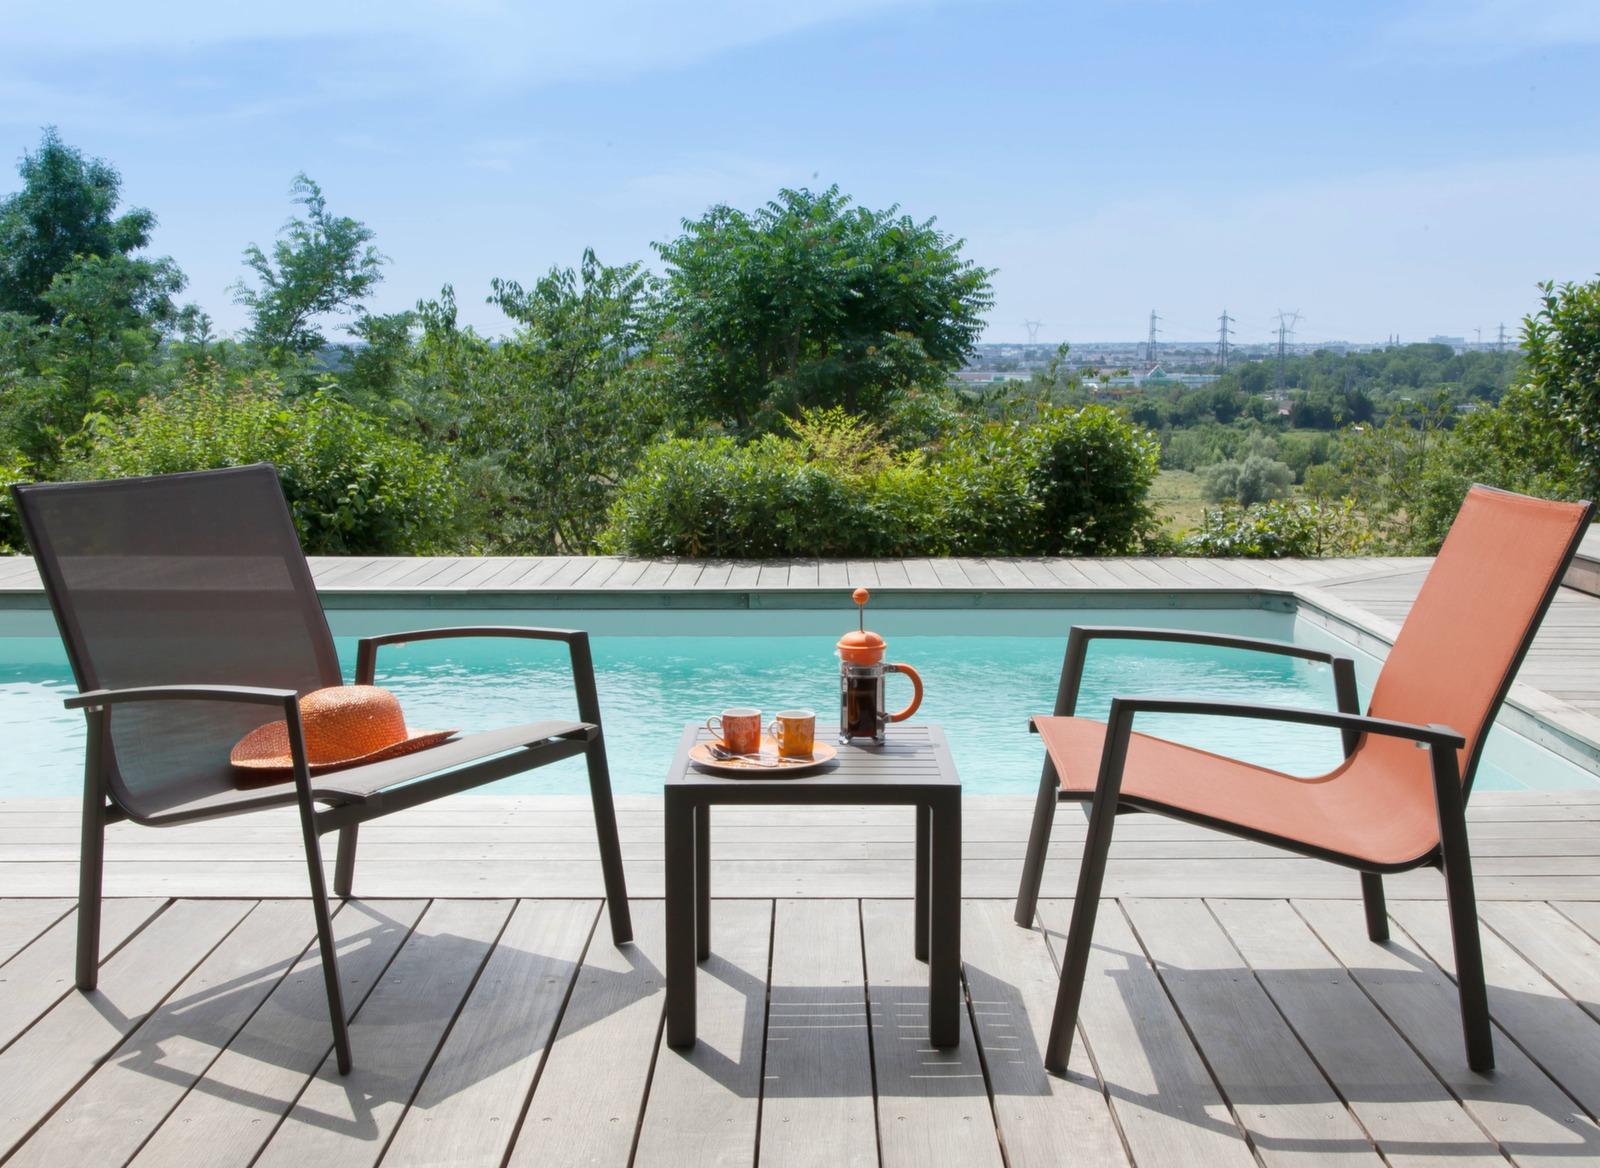 Salon d tente ext rieur gris orange palma table basse for Table exterieur orange